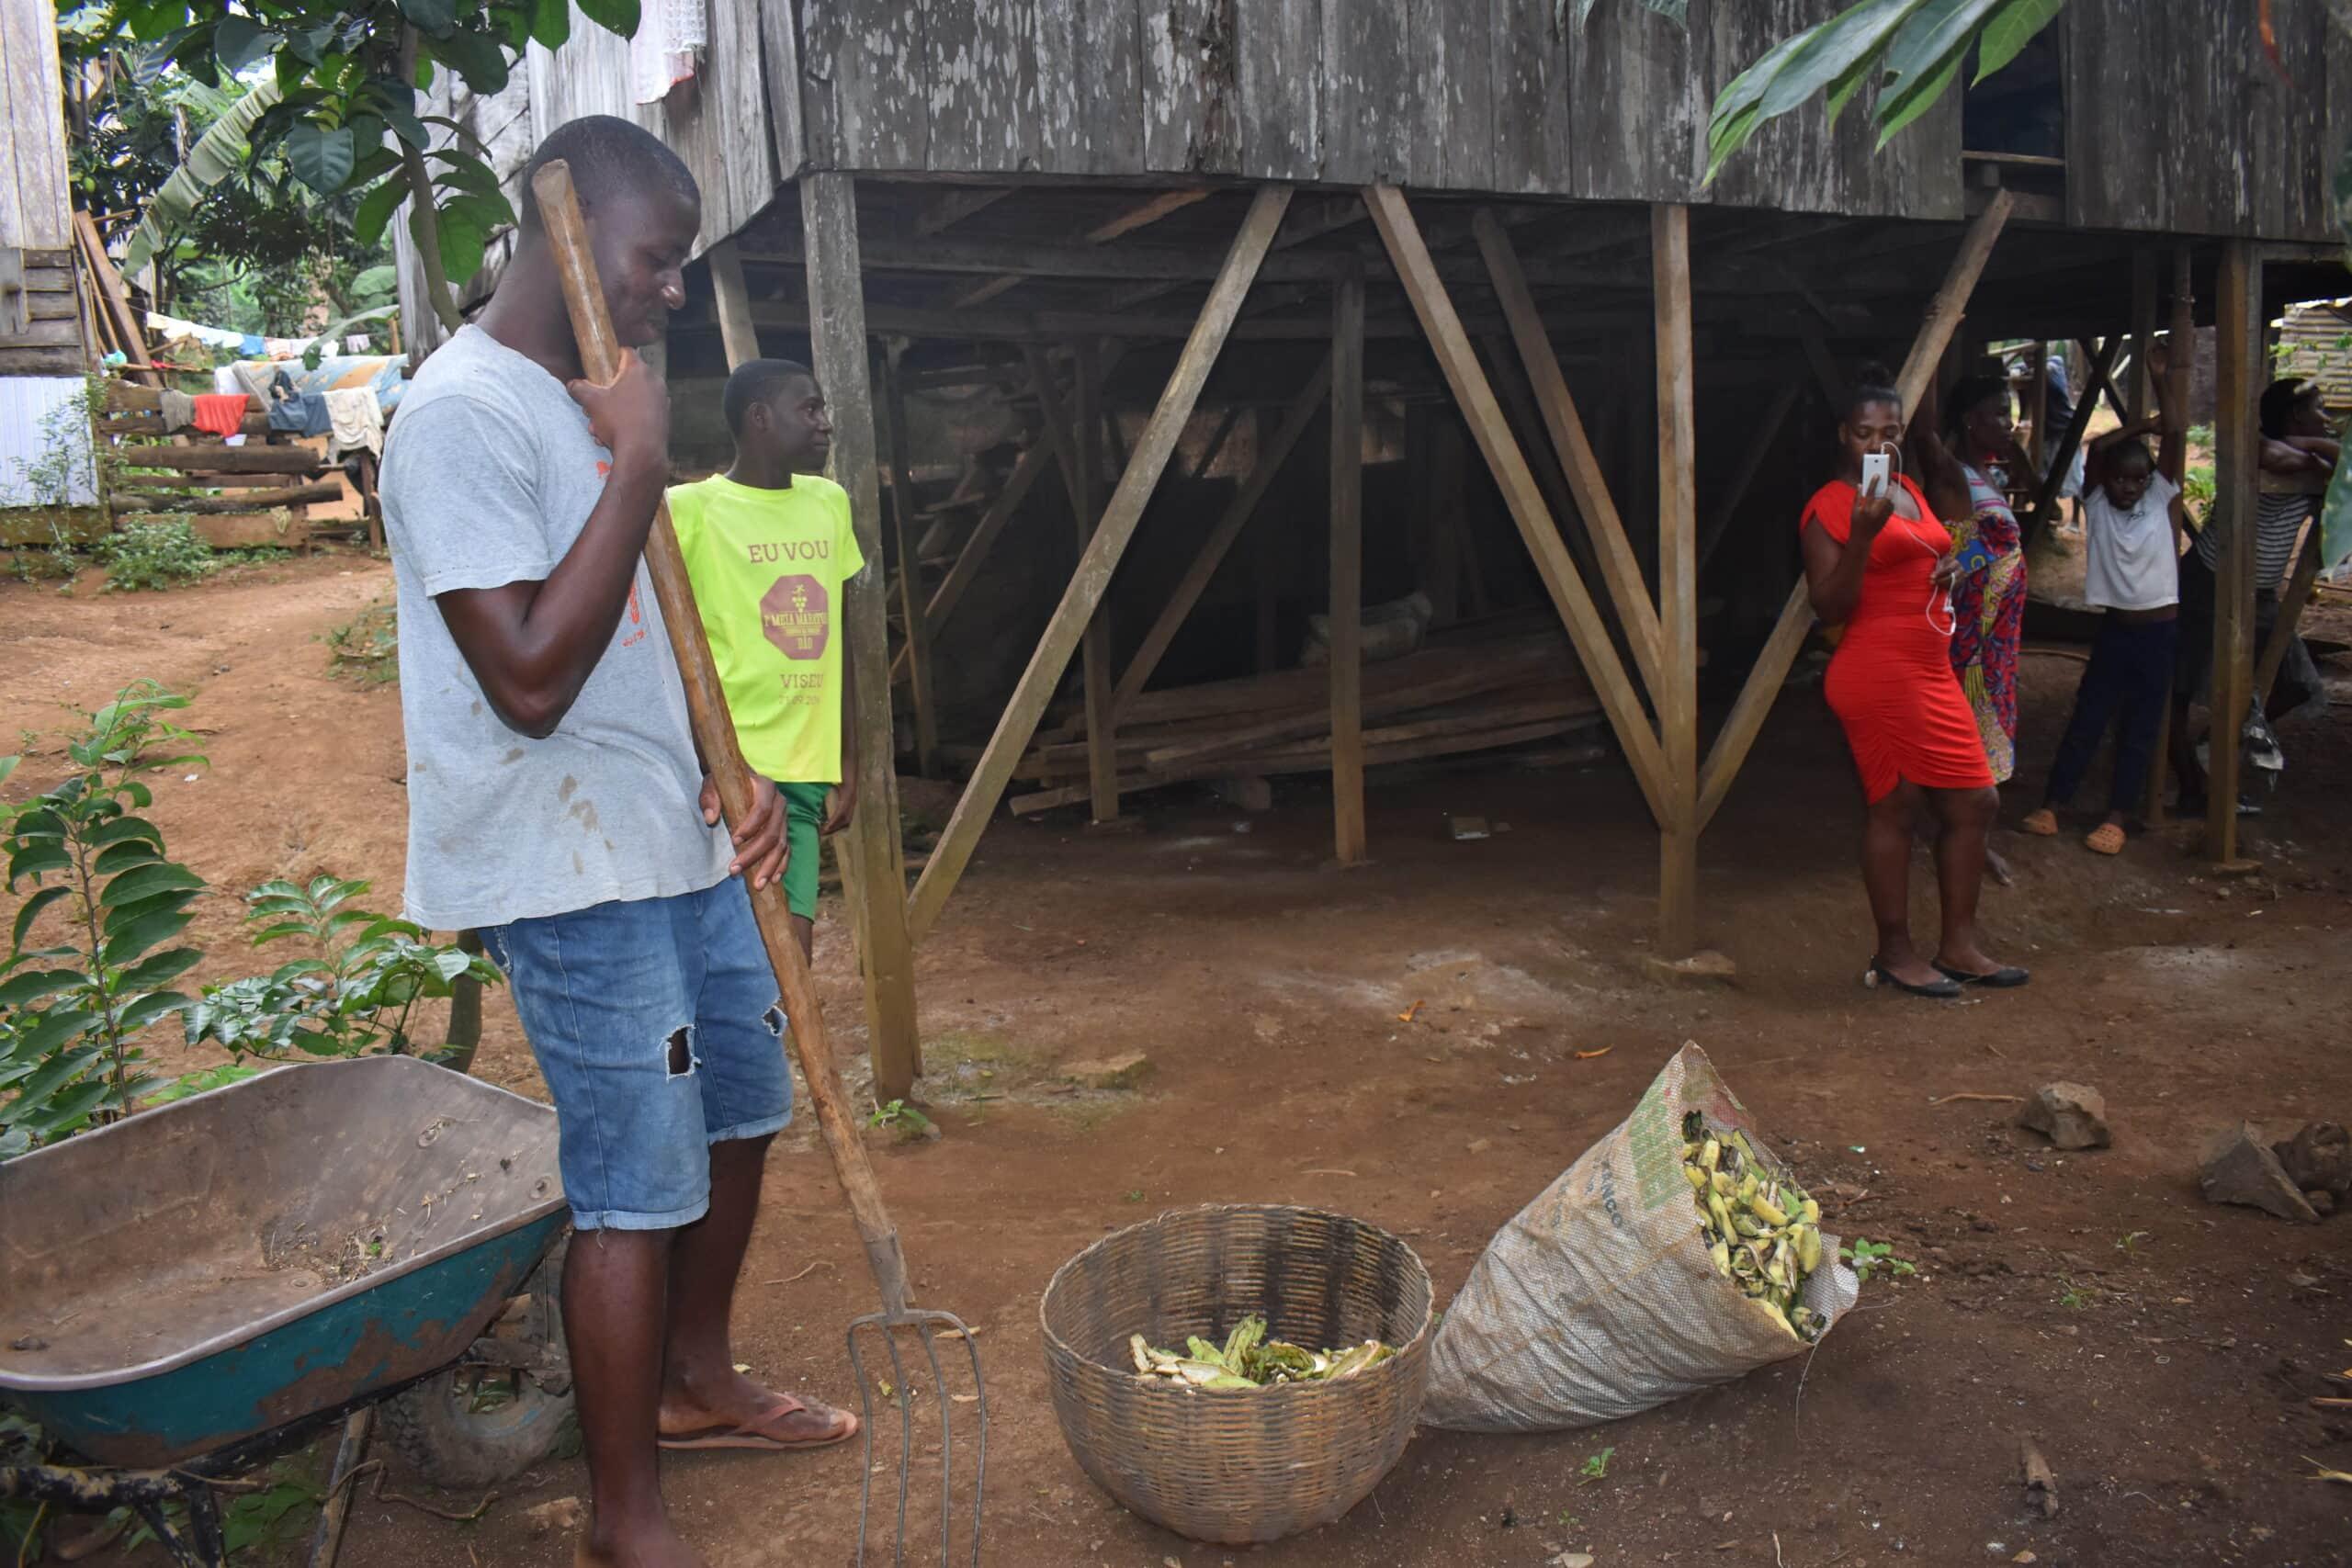 compostagem, compostor comunitário, ambiente, recolha resíduos sólidos e urbanos, são tomé, bairro da boa morte, bairro limpo